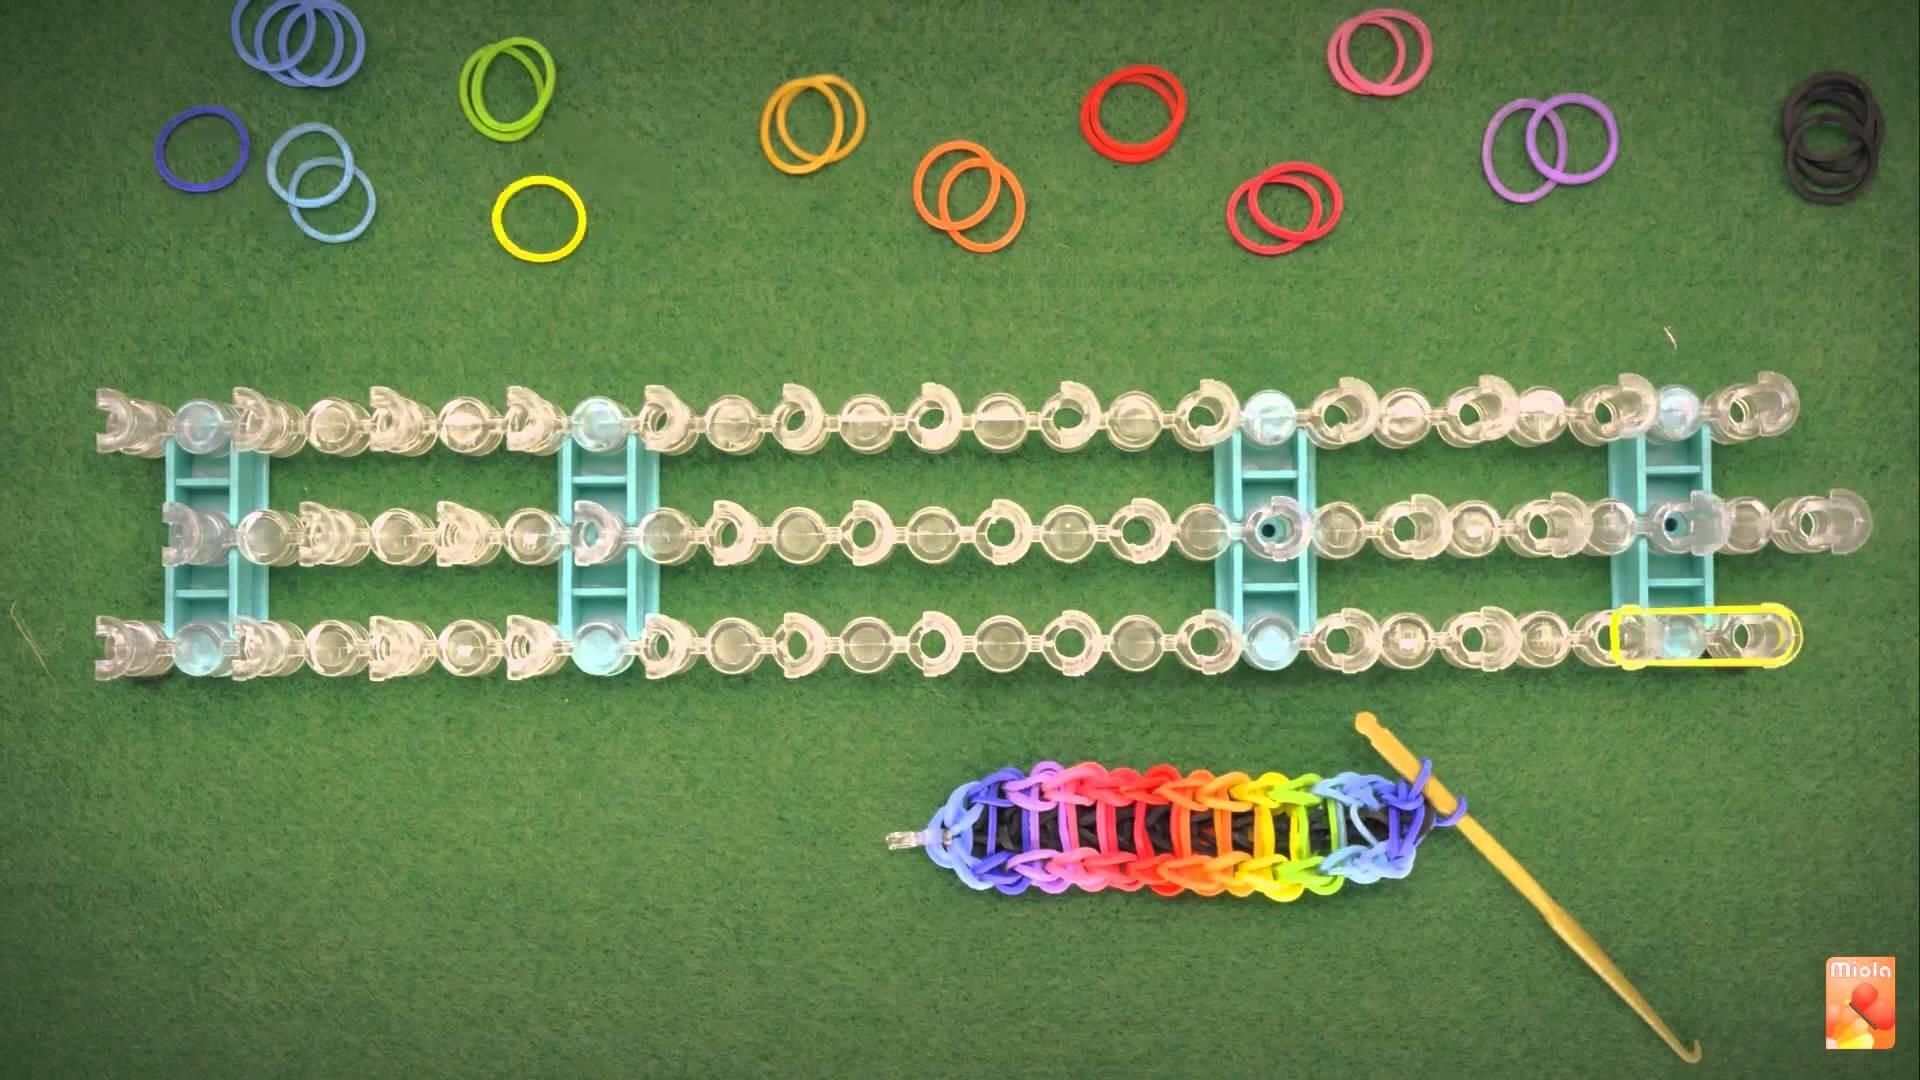 Loom bands - Presentazione telaio per braccialetti gommosi